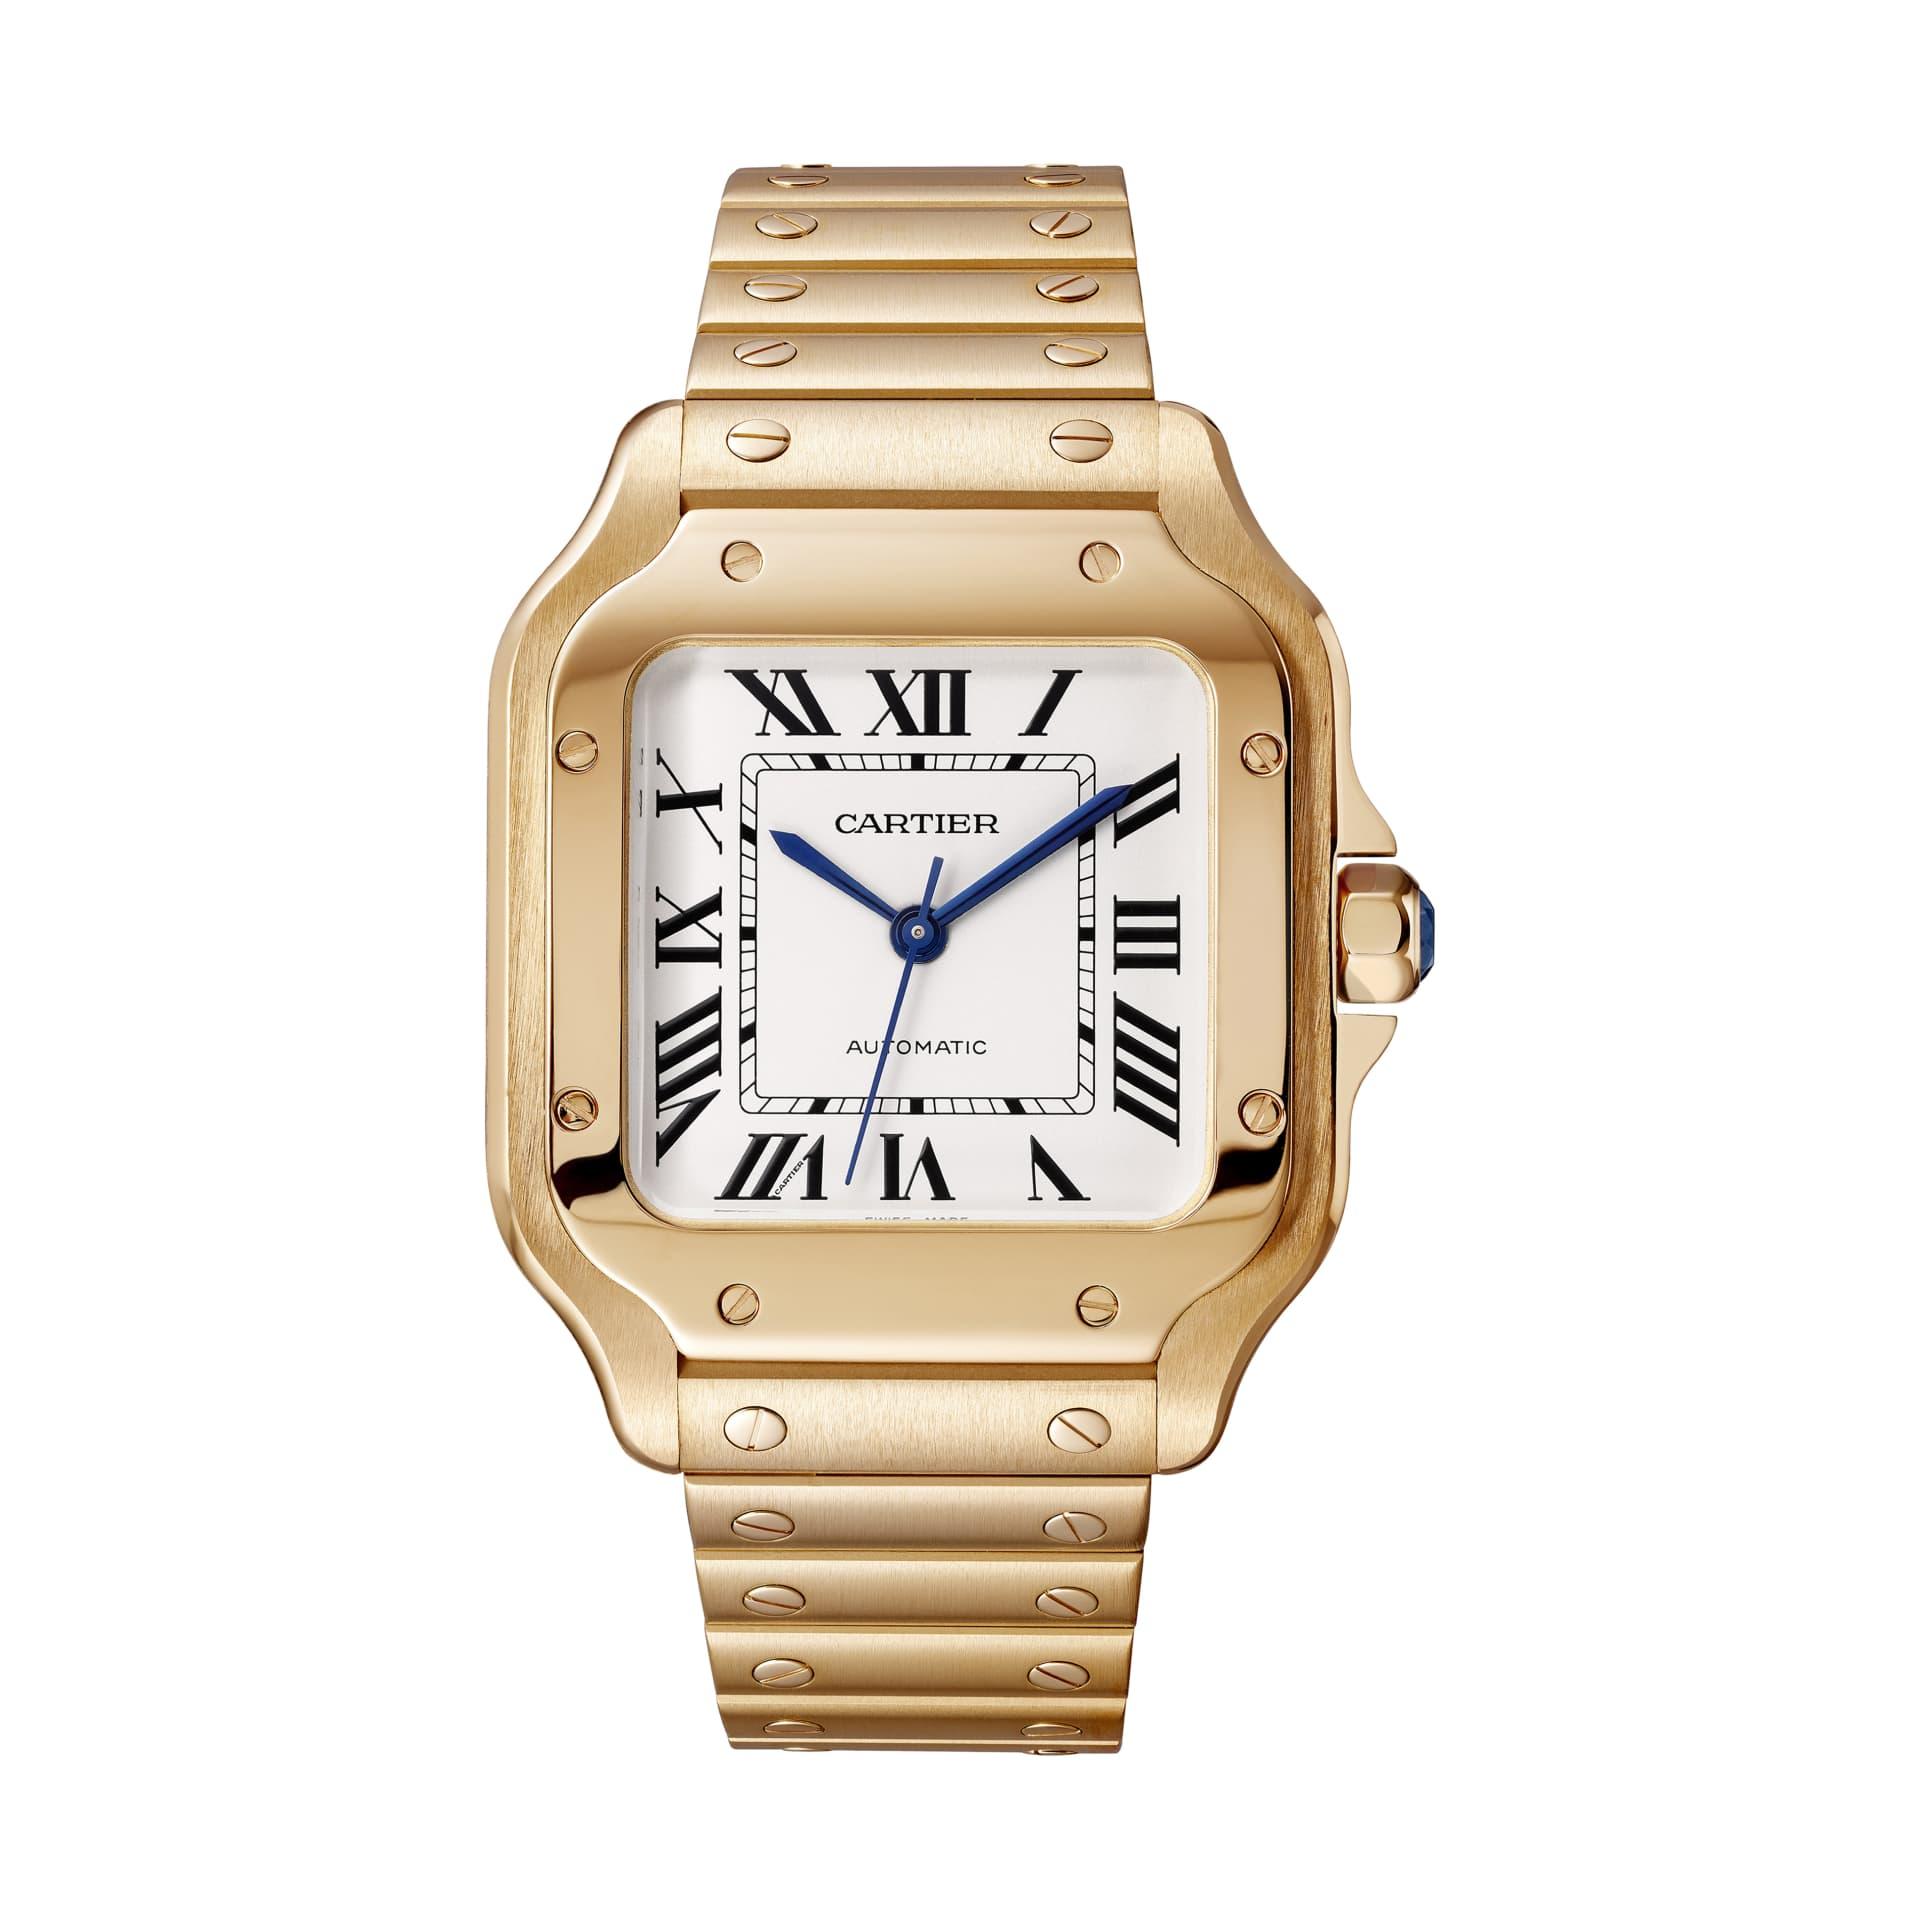 Santos de Cartier klocka i guld med automatiskt urverk. © Cartier